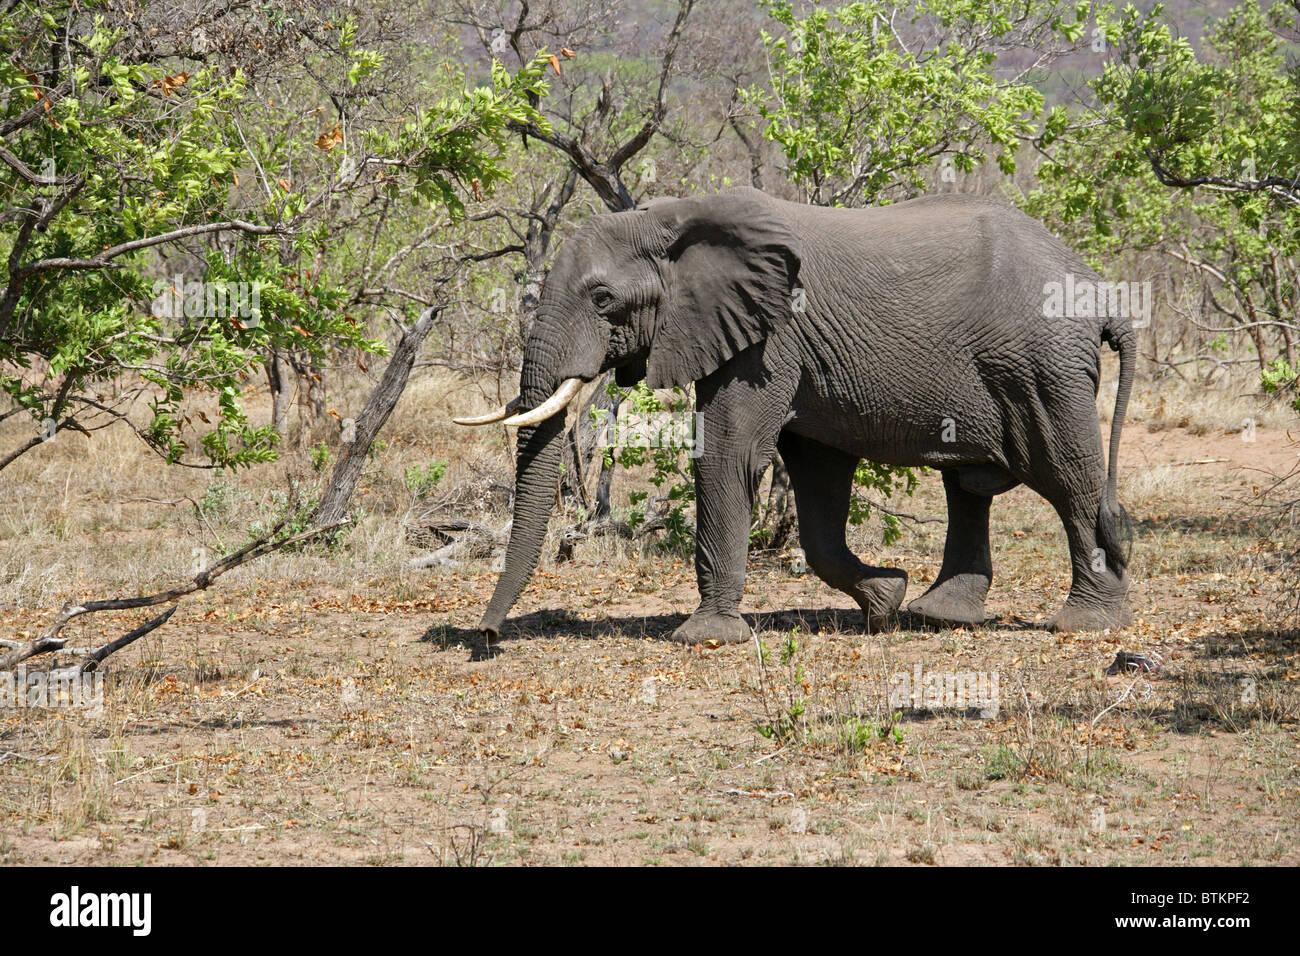 African Bush Elephant, Loxodonta africana, Elephantidae. Kruger National Park, South Africa. - Stock Image